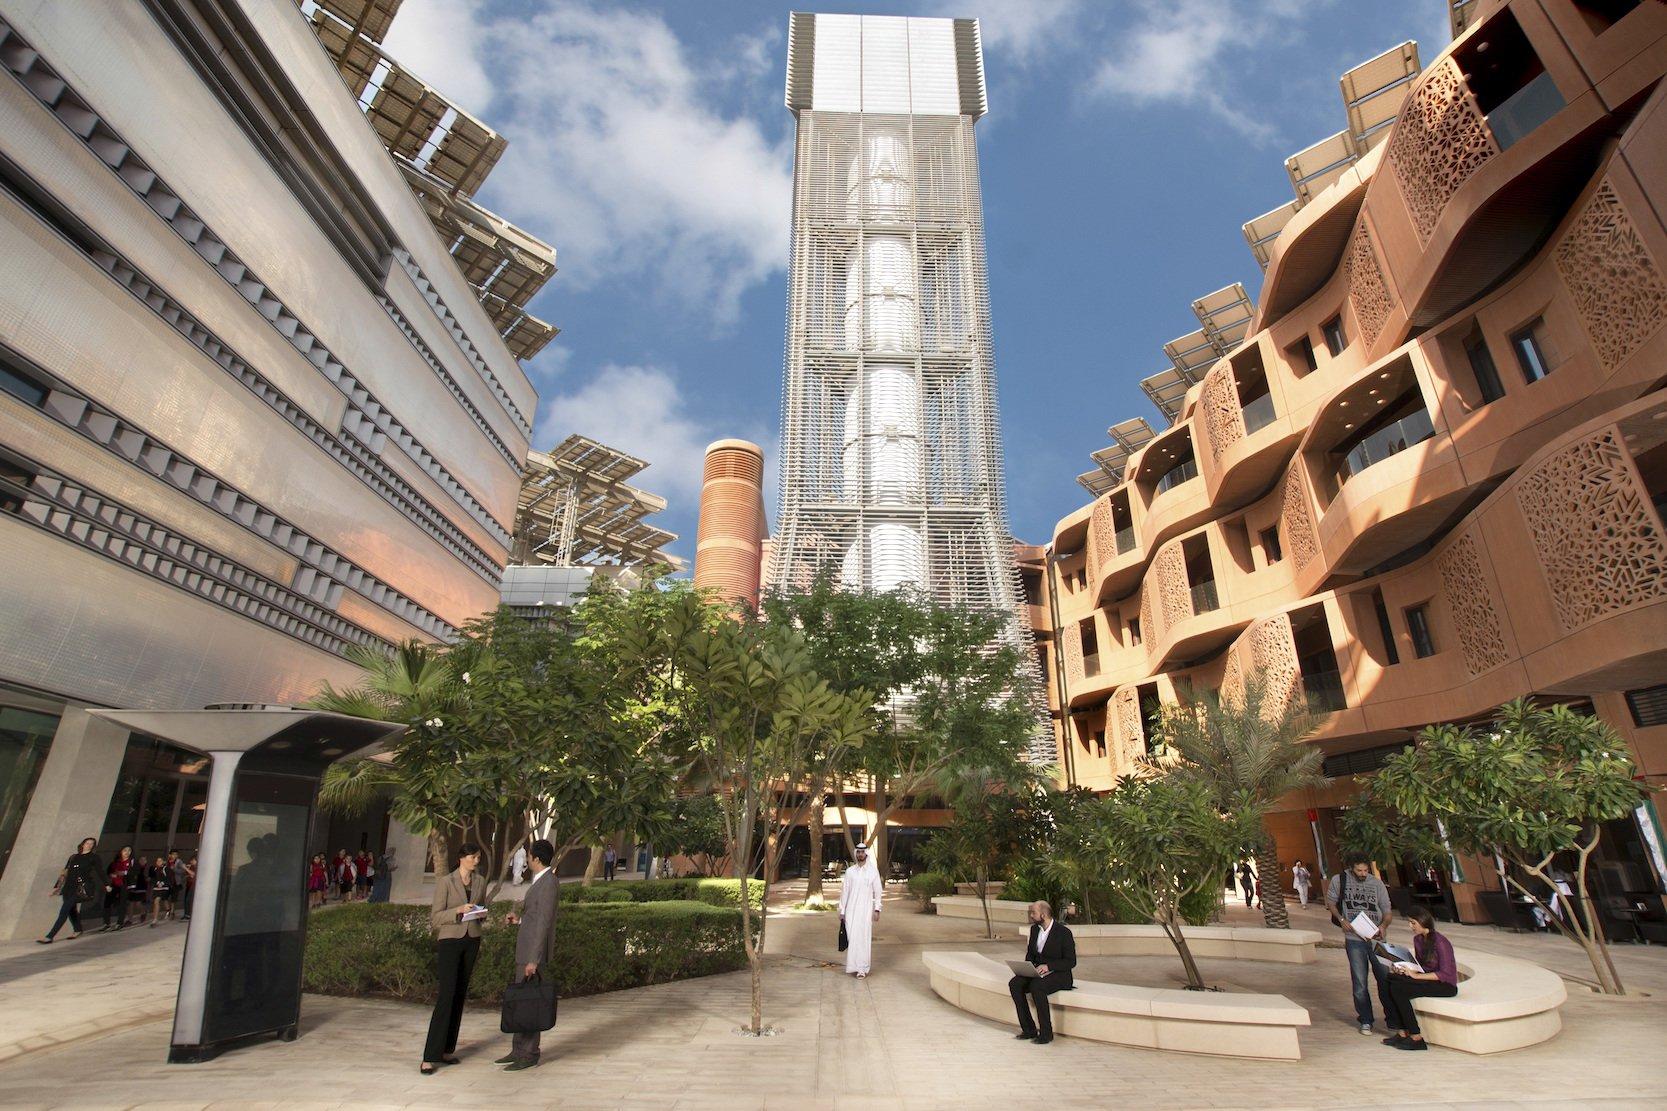 Um die Hitze in einer Wüstenstadt erträglich zu machen, hat Masdar City in Abu Dhabi einen Turm entwickelt, der kühle Luft über die Plätze der Stadt bläst.